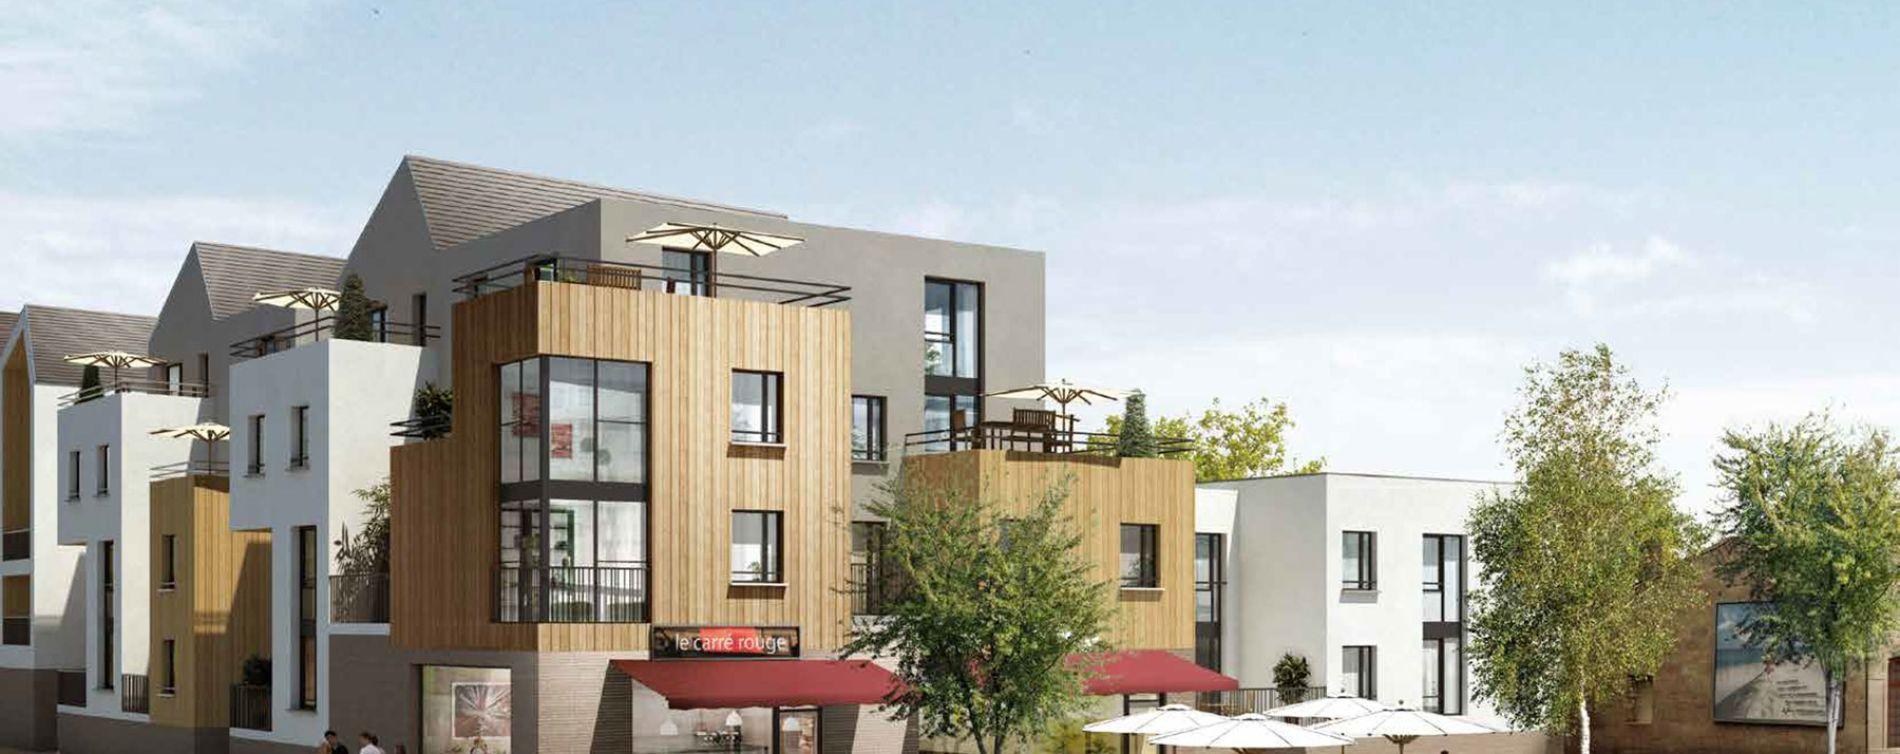 Bordeaux : programme immobilier neuve « Villapollonia Bordeaux » (2)